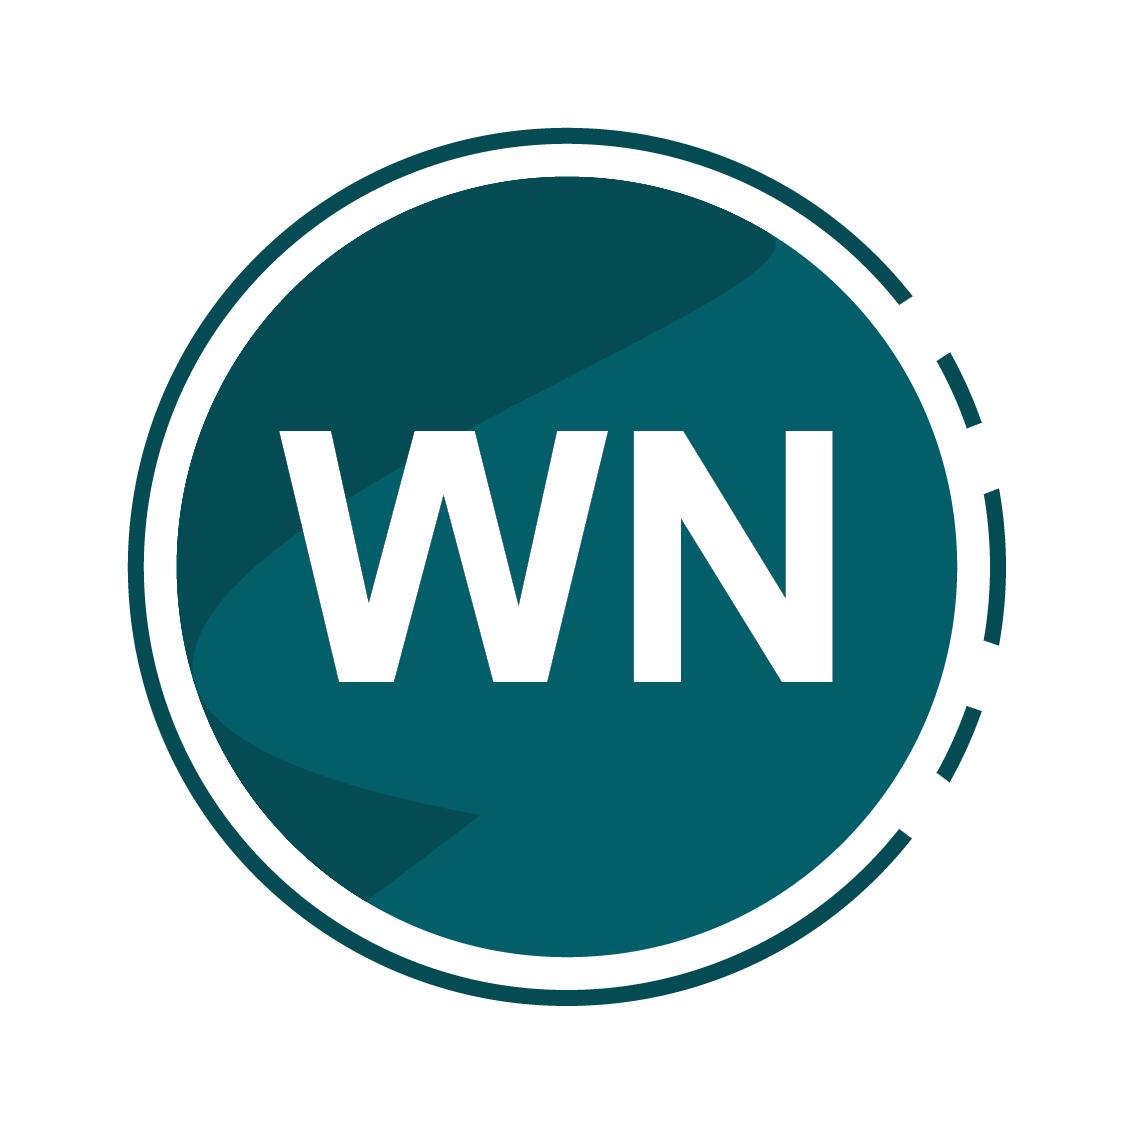 Women's network logo